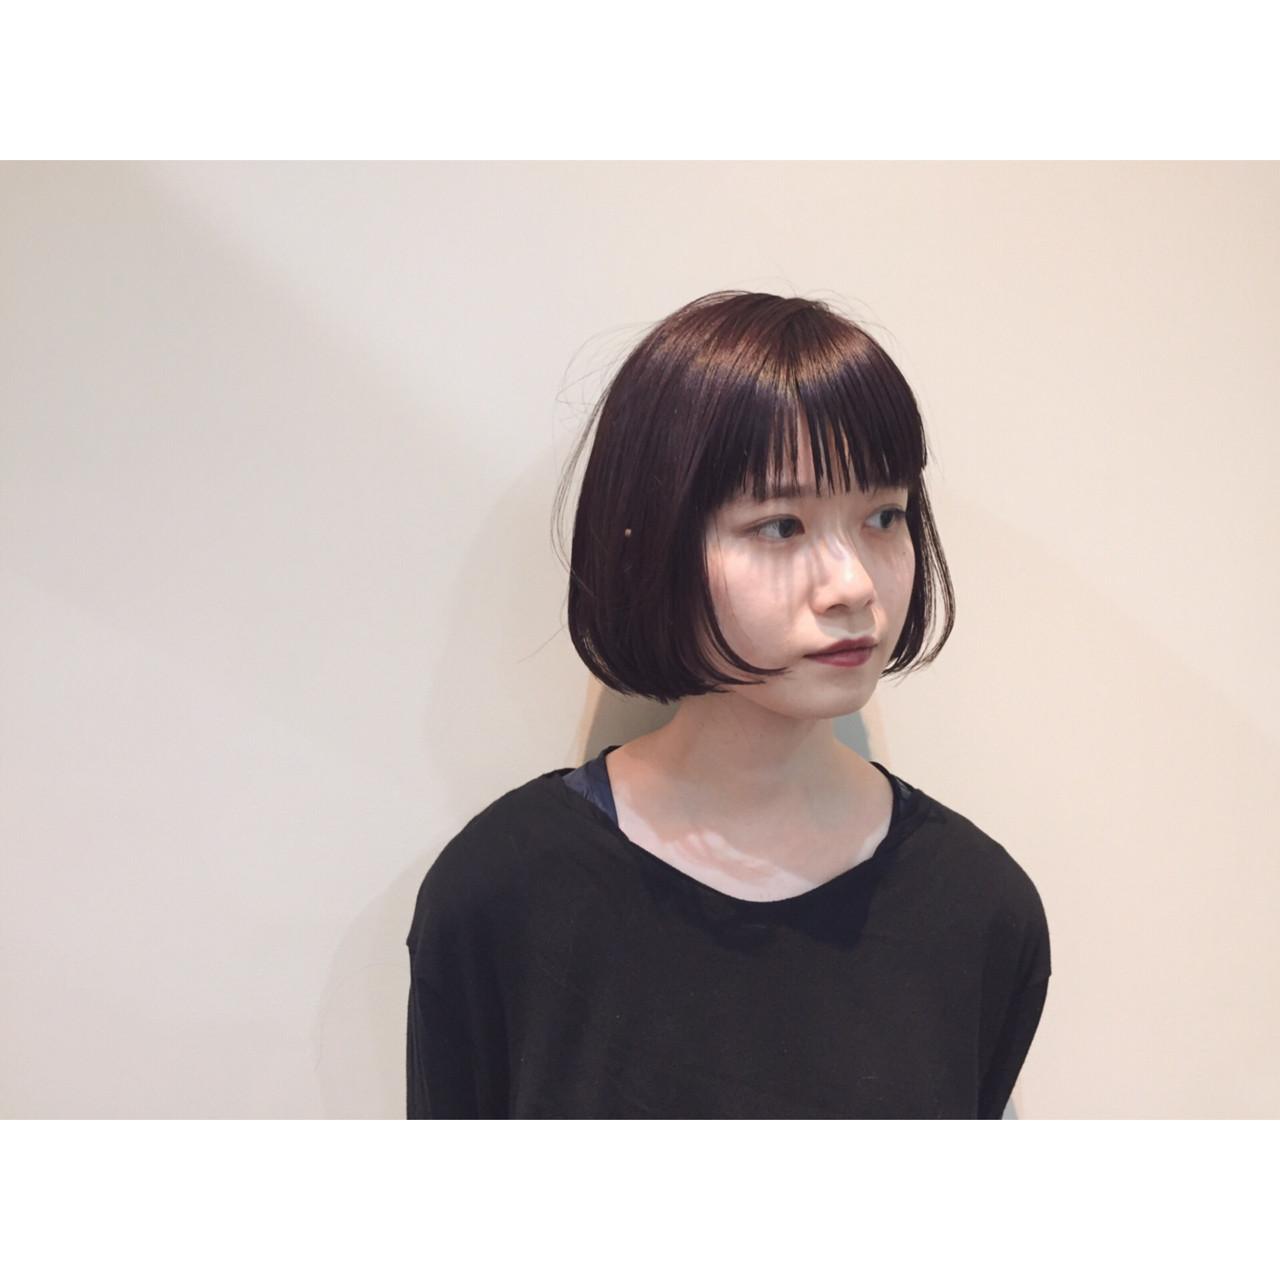 小顔 ボブ ニュアンス ナチュラル ヘアスタイルや髪型の写真・画像 | 大西 絢子/HOULe / HOULe